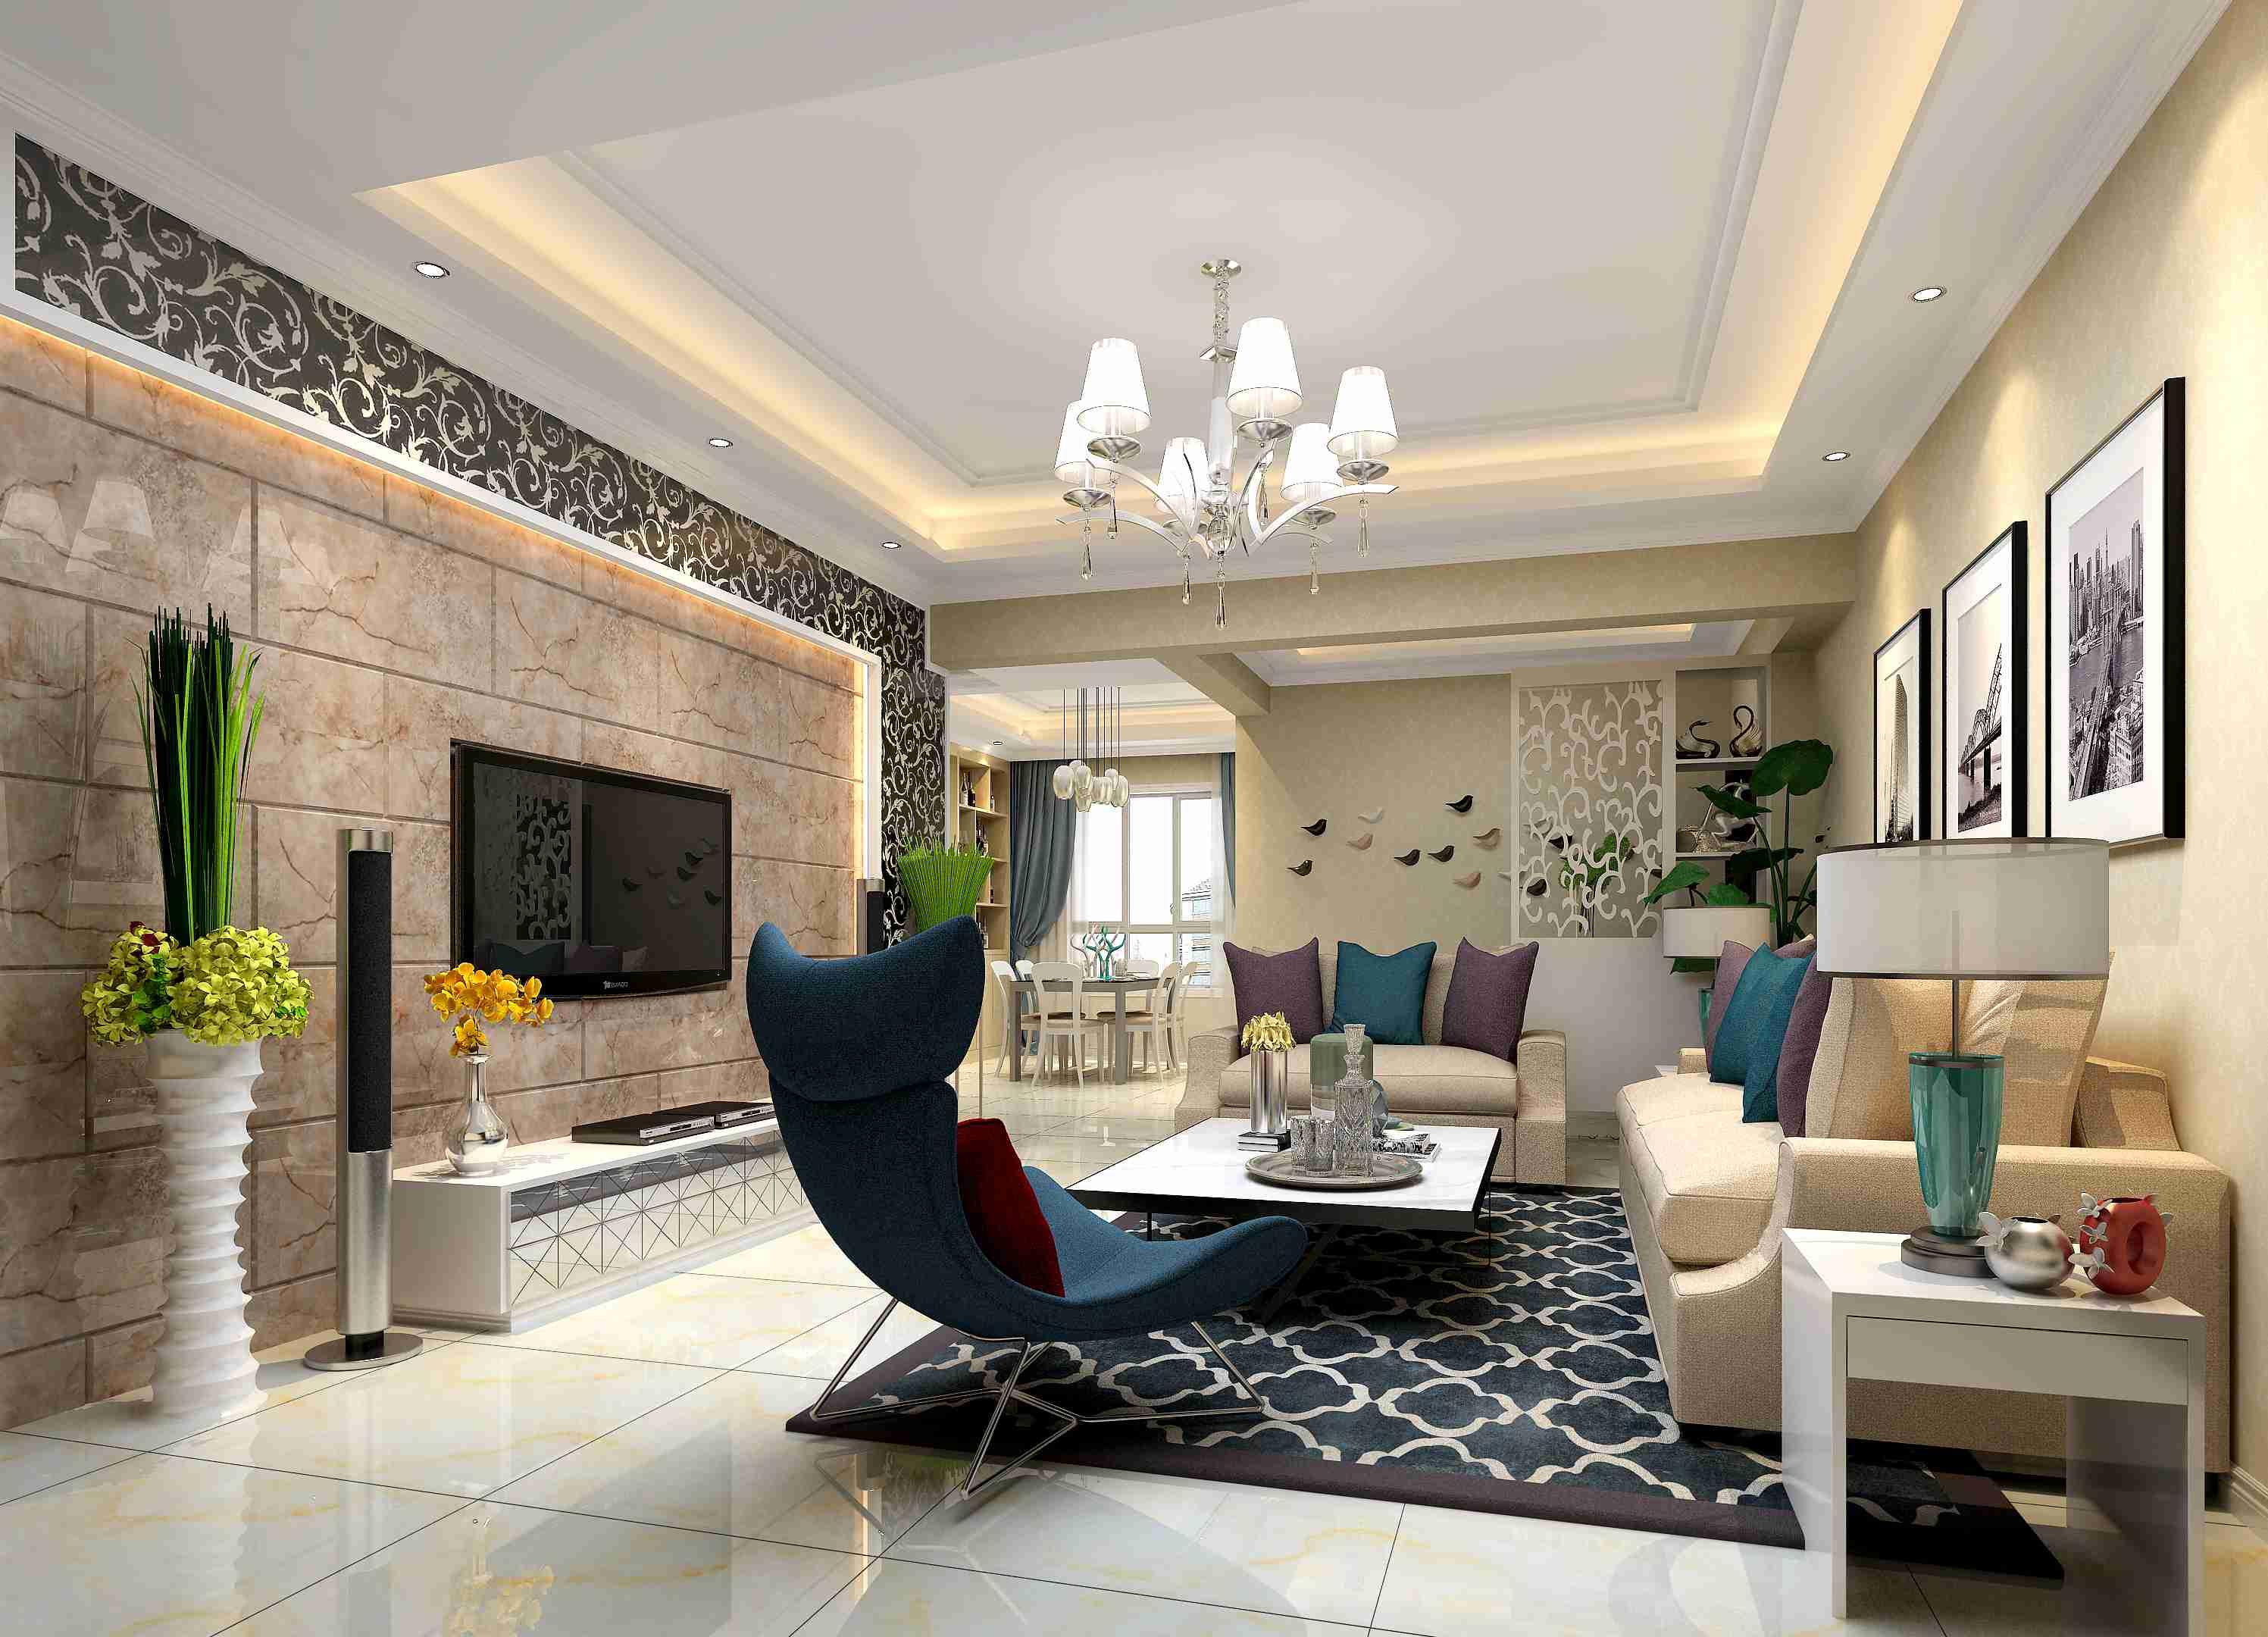 博雅豪庭 三室两厅装修效果图 现代简约装修风格